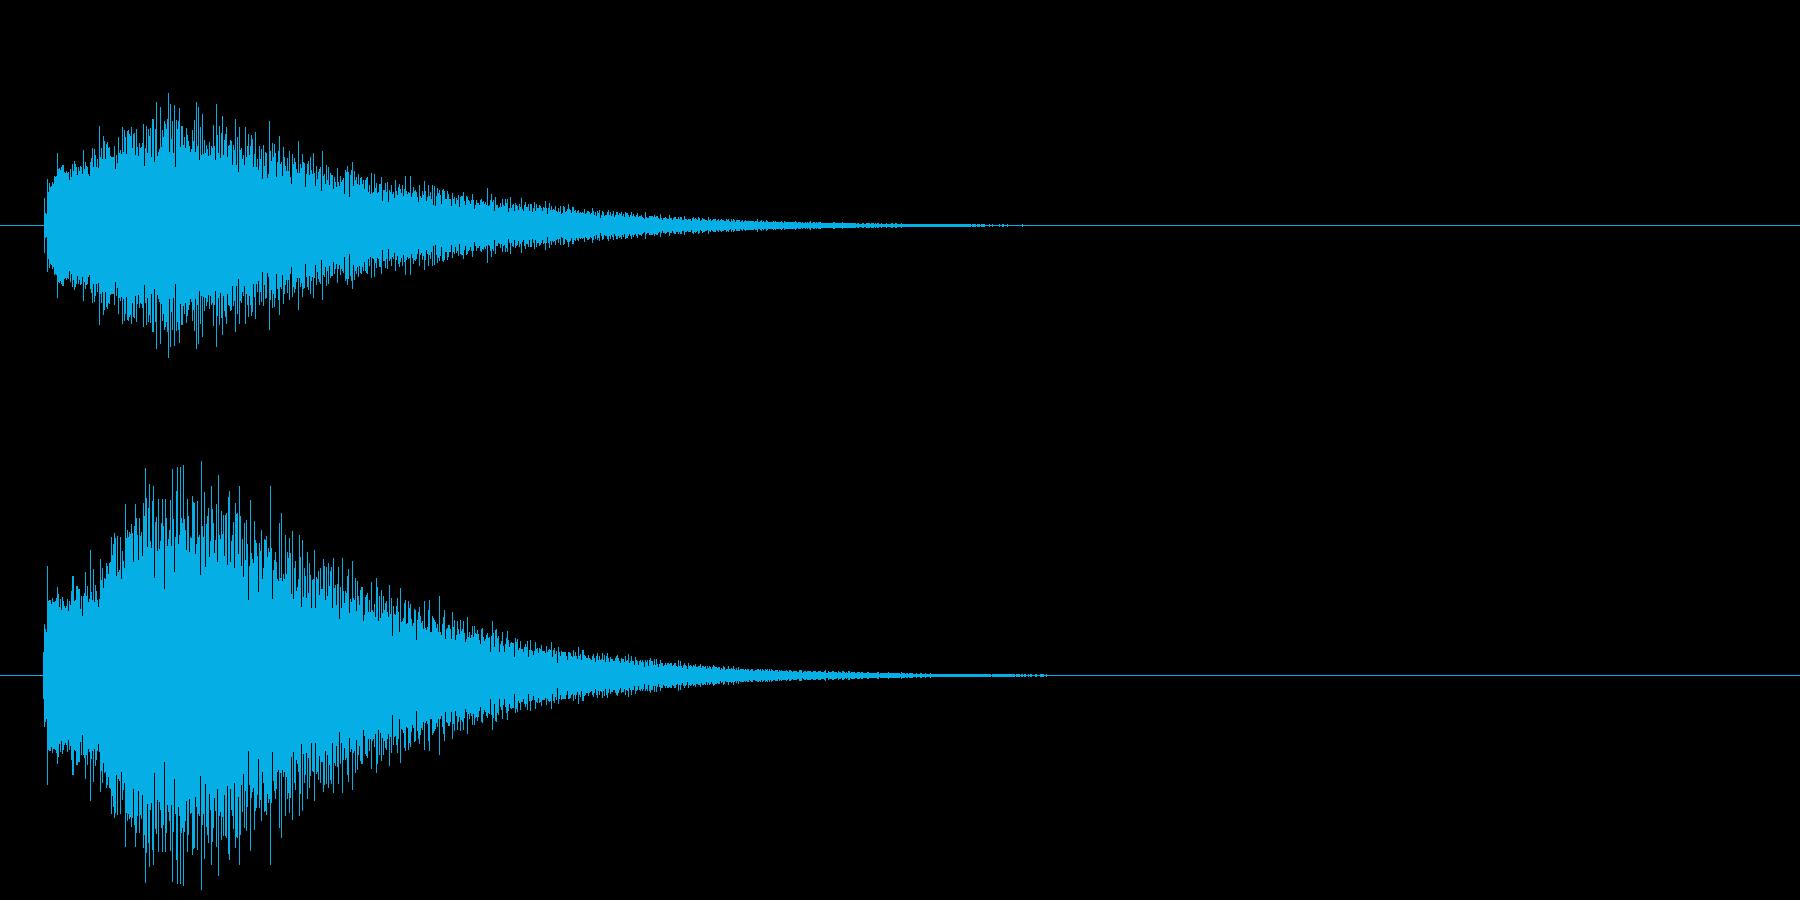 グリッサンド02 グロッケン(下降)の再生済みの波形